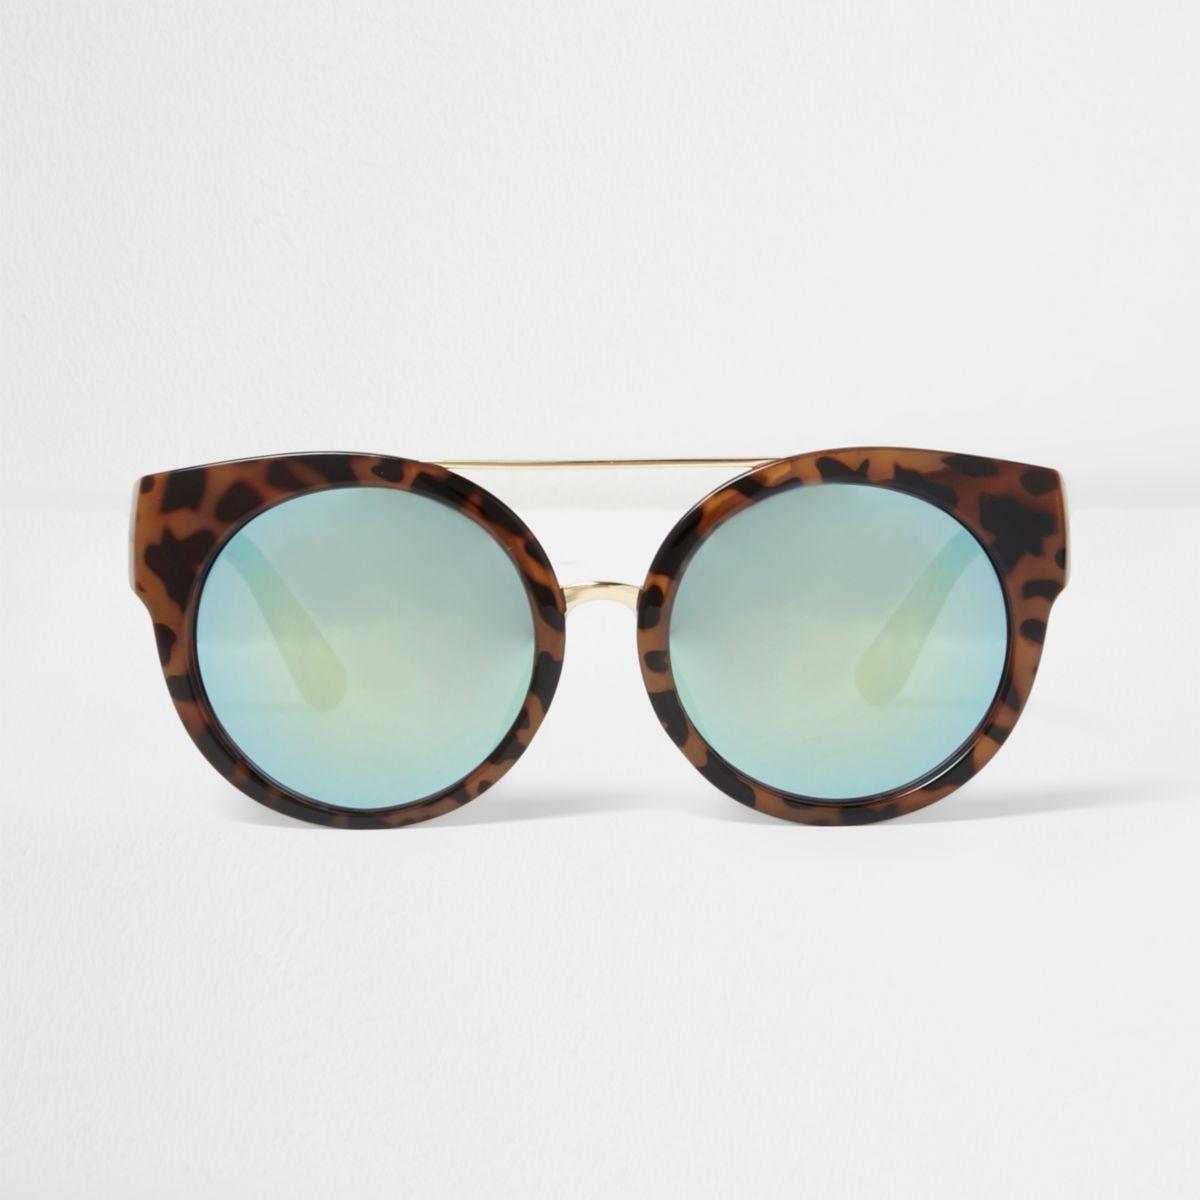 Lunettes de soleil effet miroir imprimé léopard marron